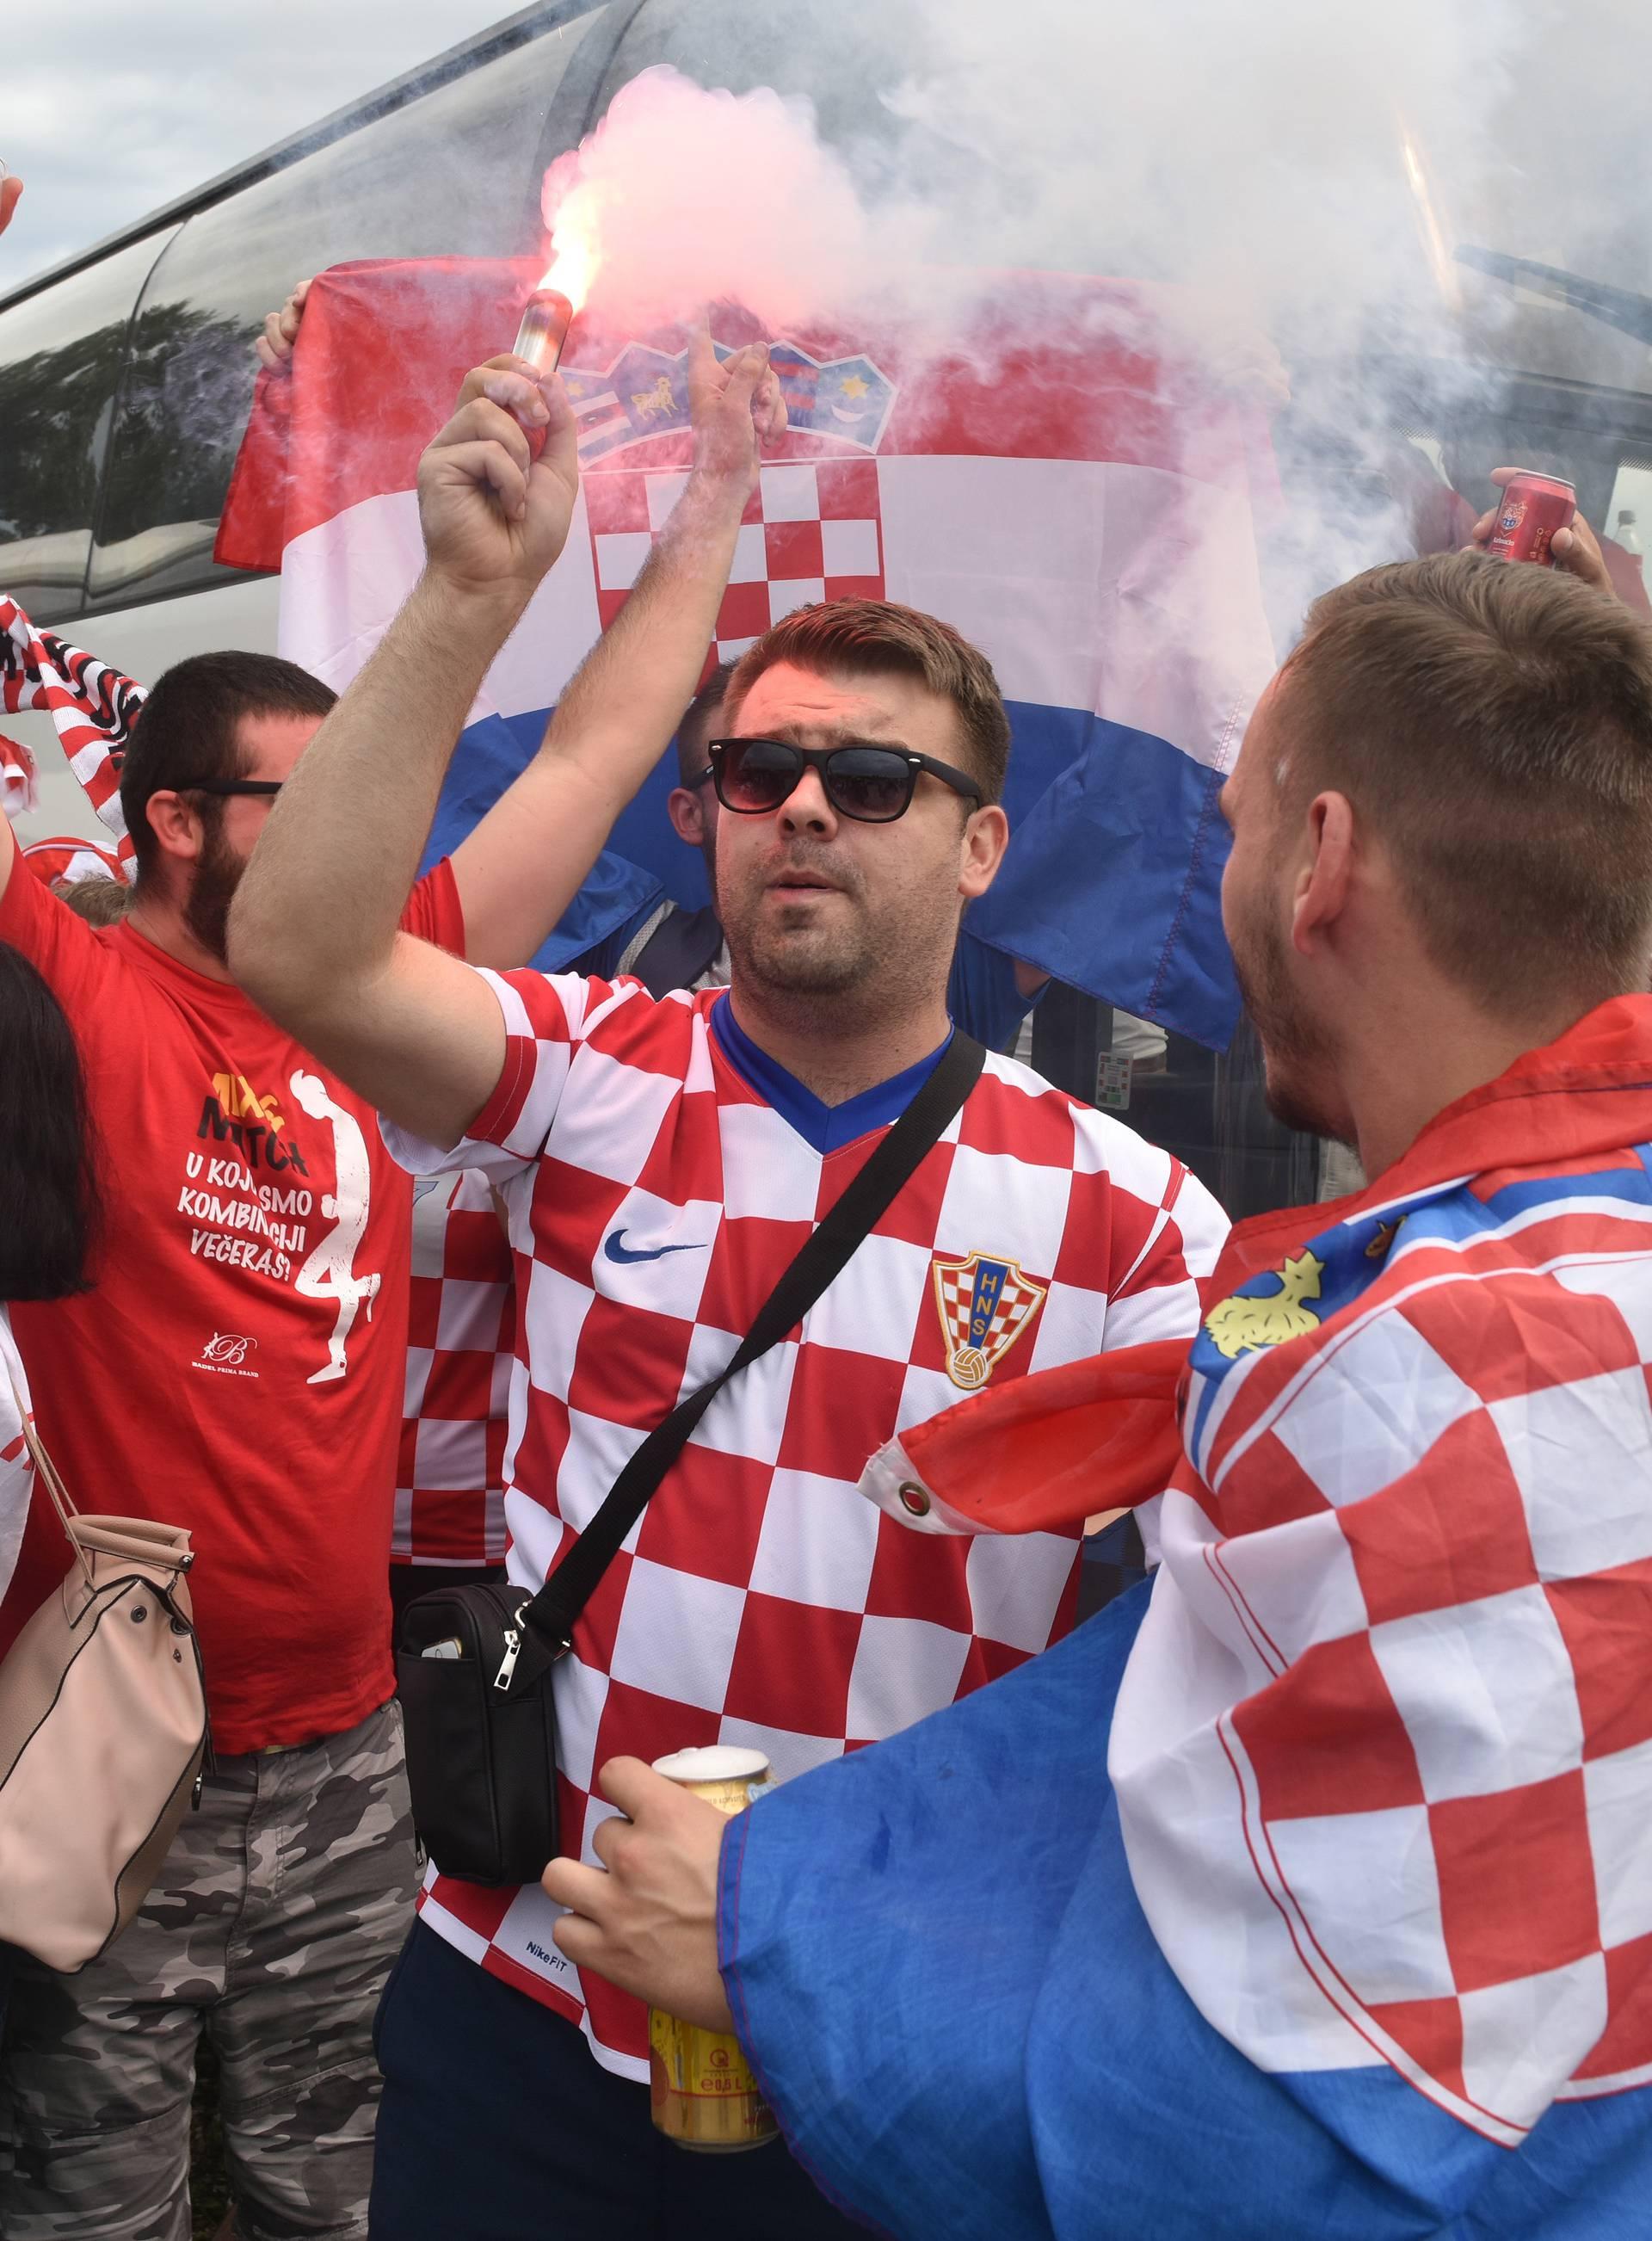 Navijači iz cijele Lijepe naše su stigli u Zagreb: 'Bravo Vatreni'